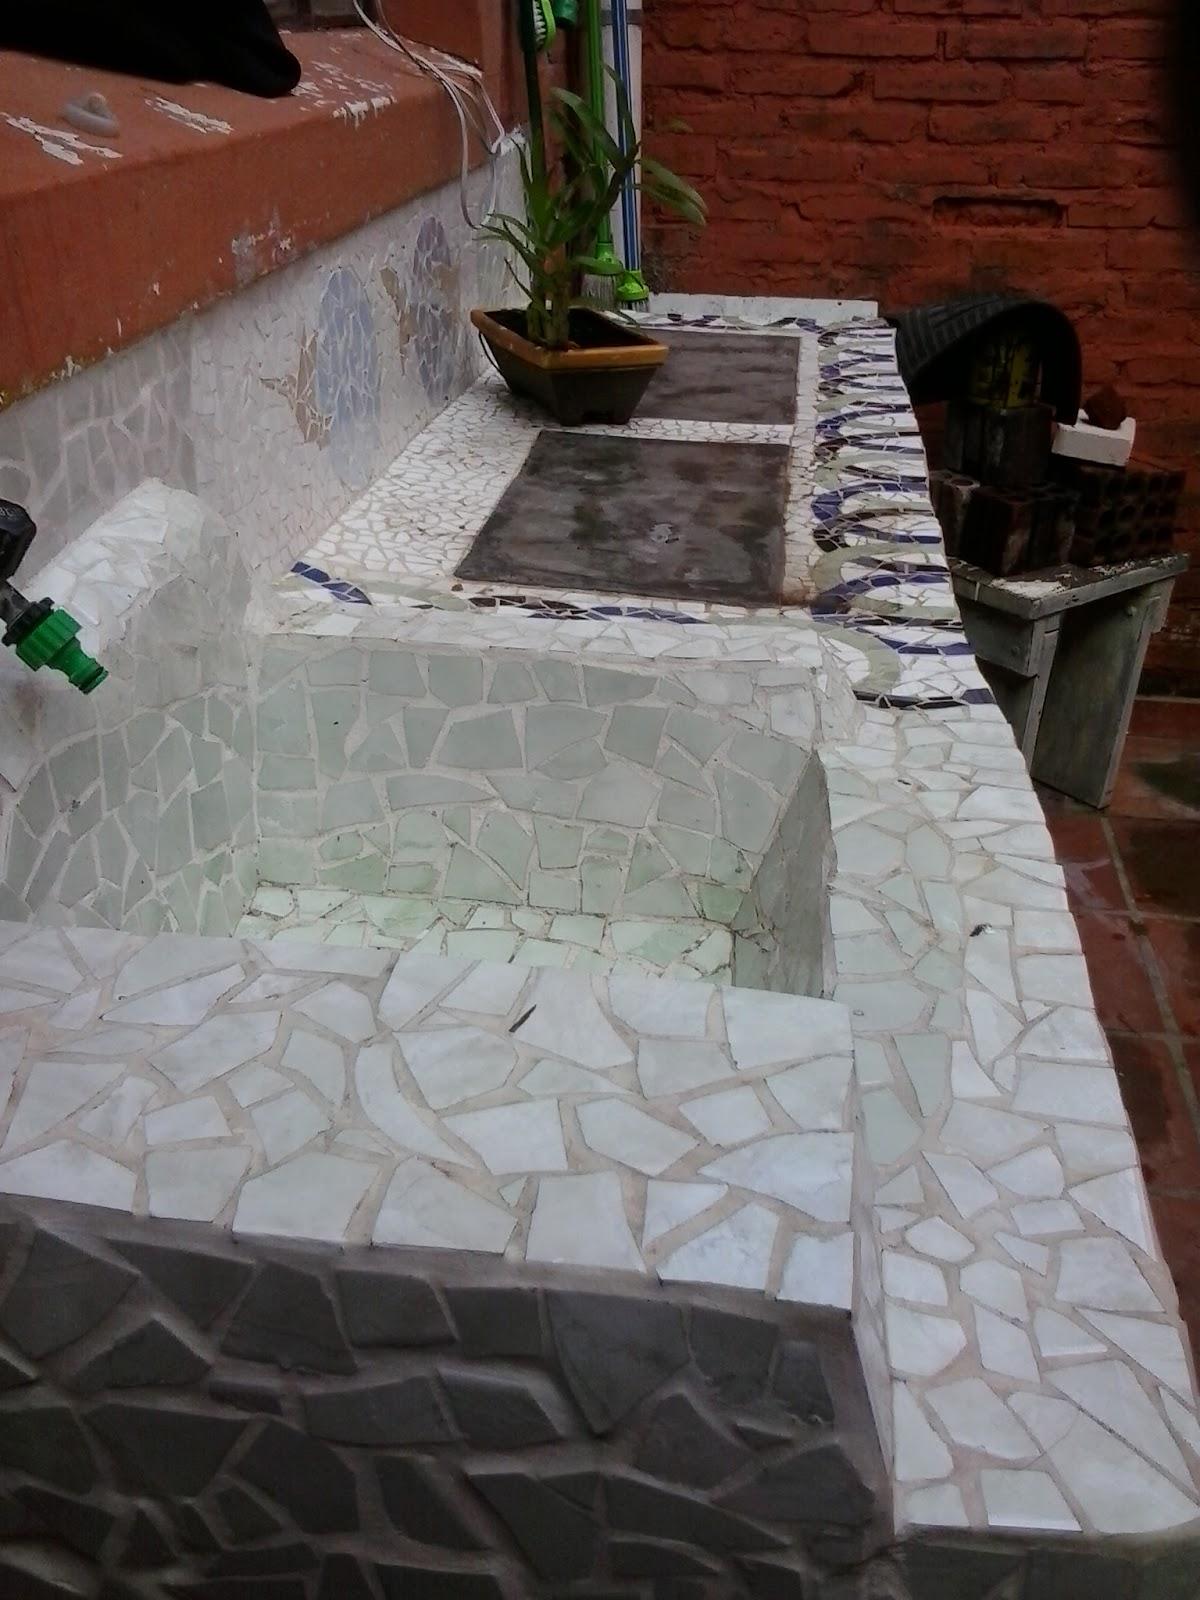 bancada com pia  bancada de concreto  pia de concreto  pia em mosaico  #65382C 1200x1600 Bancada Pia Banheiro Cimento Queimado